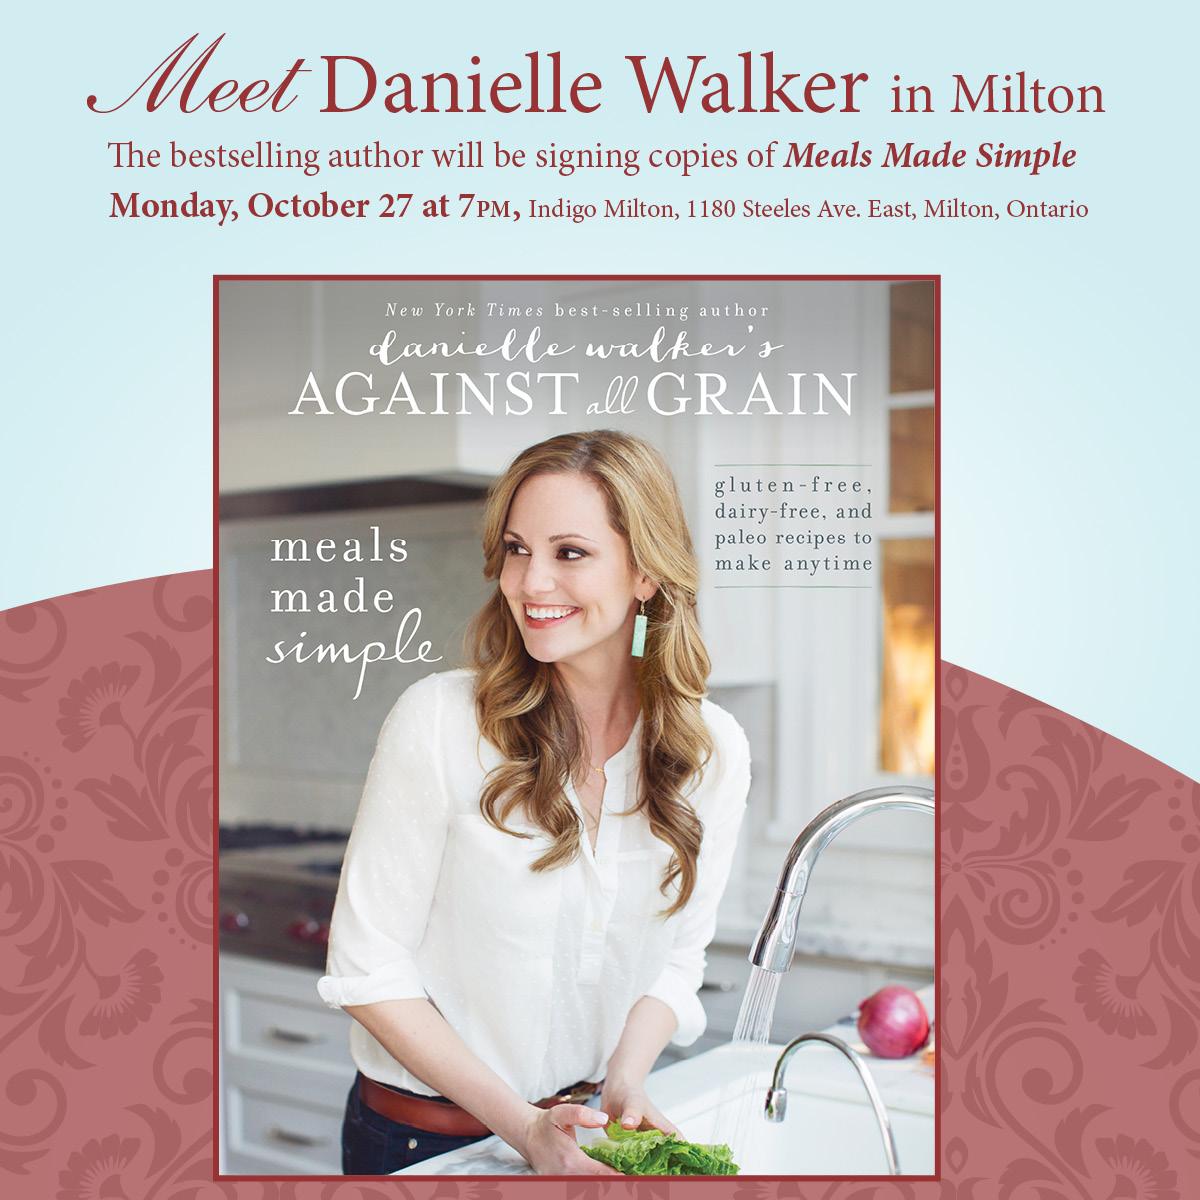 Meet Danielle Walker in Milton